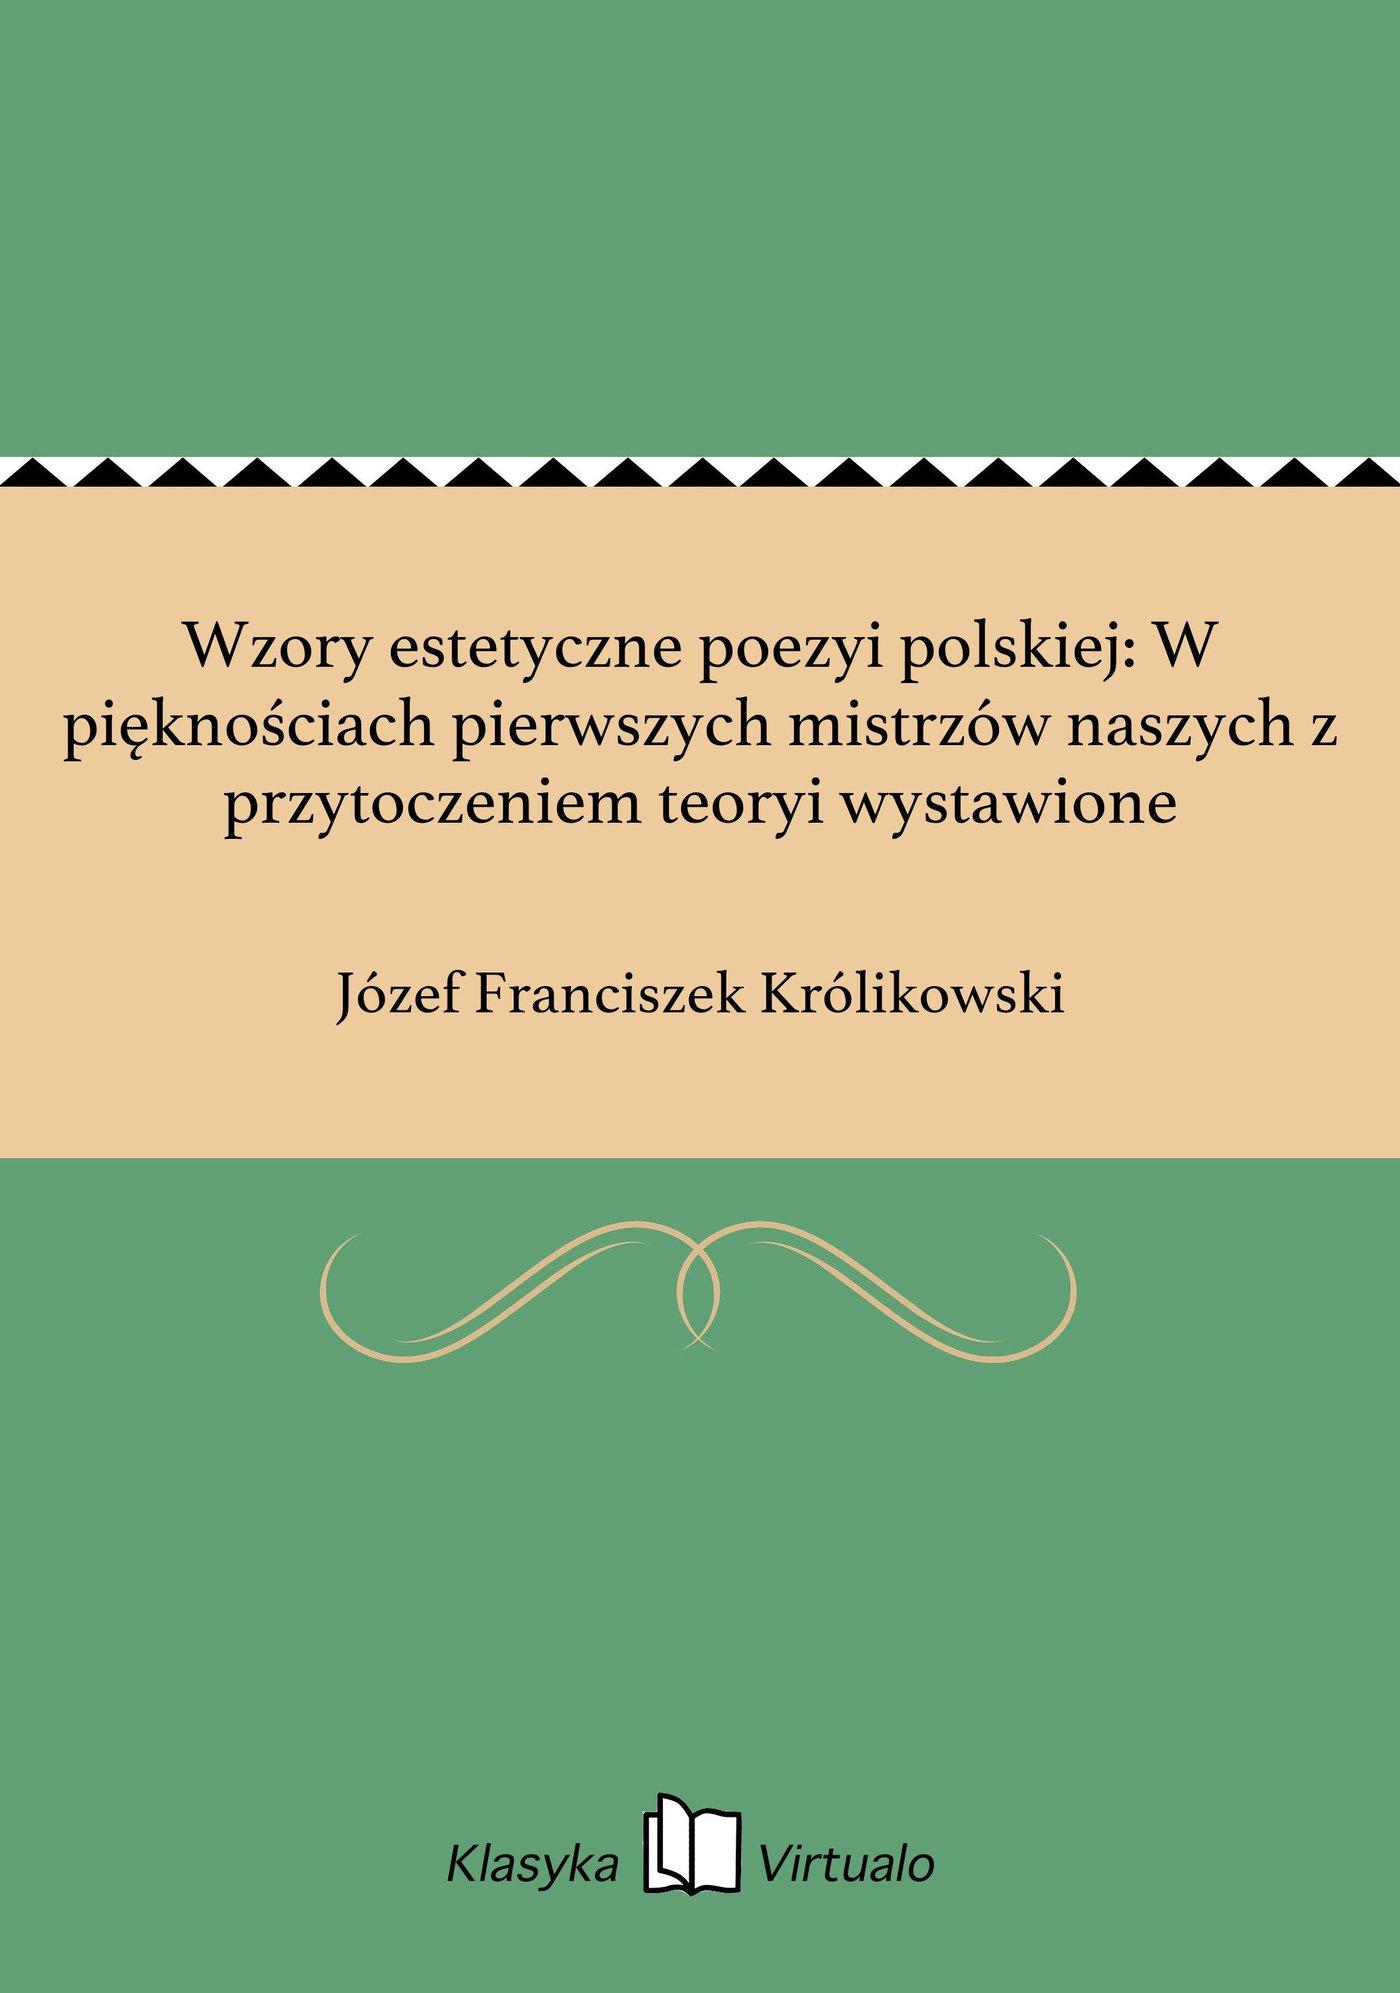 Wzory estetyczne poezyi polskiej: W pięknościach pierwszych mistrzów naszych z przytoczeniem teoryi wystawione - Ebook (Książka EPUB) do pobrania w formacie EPUB